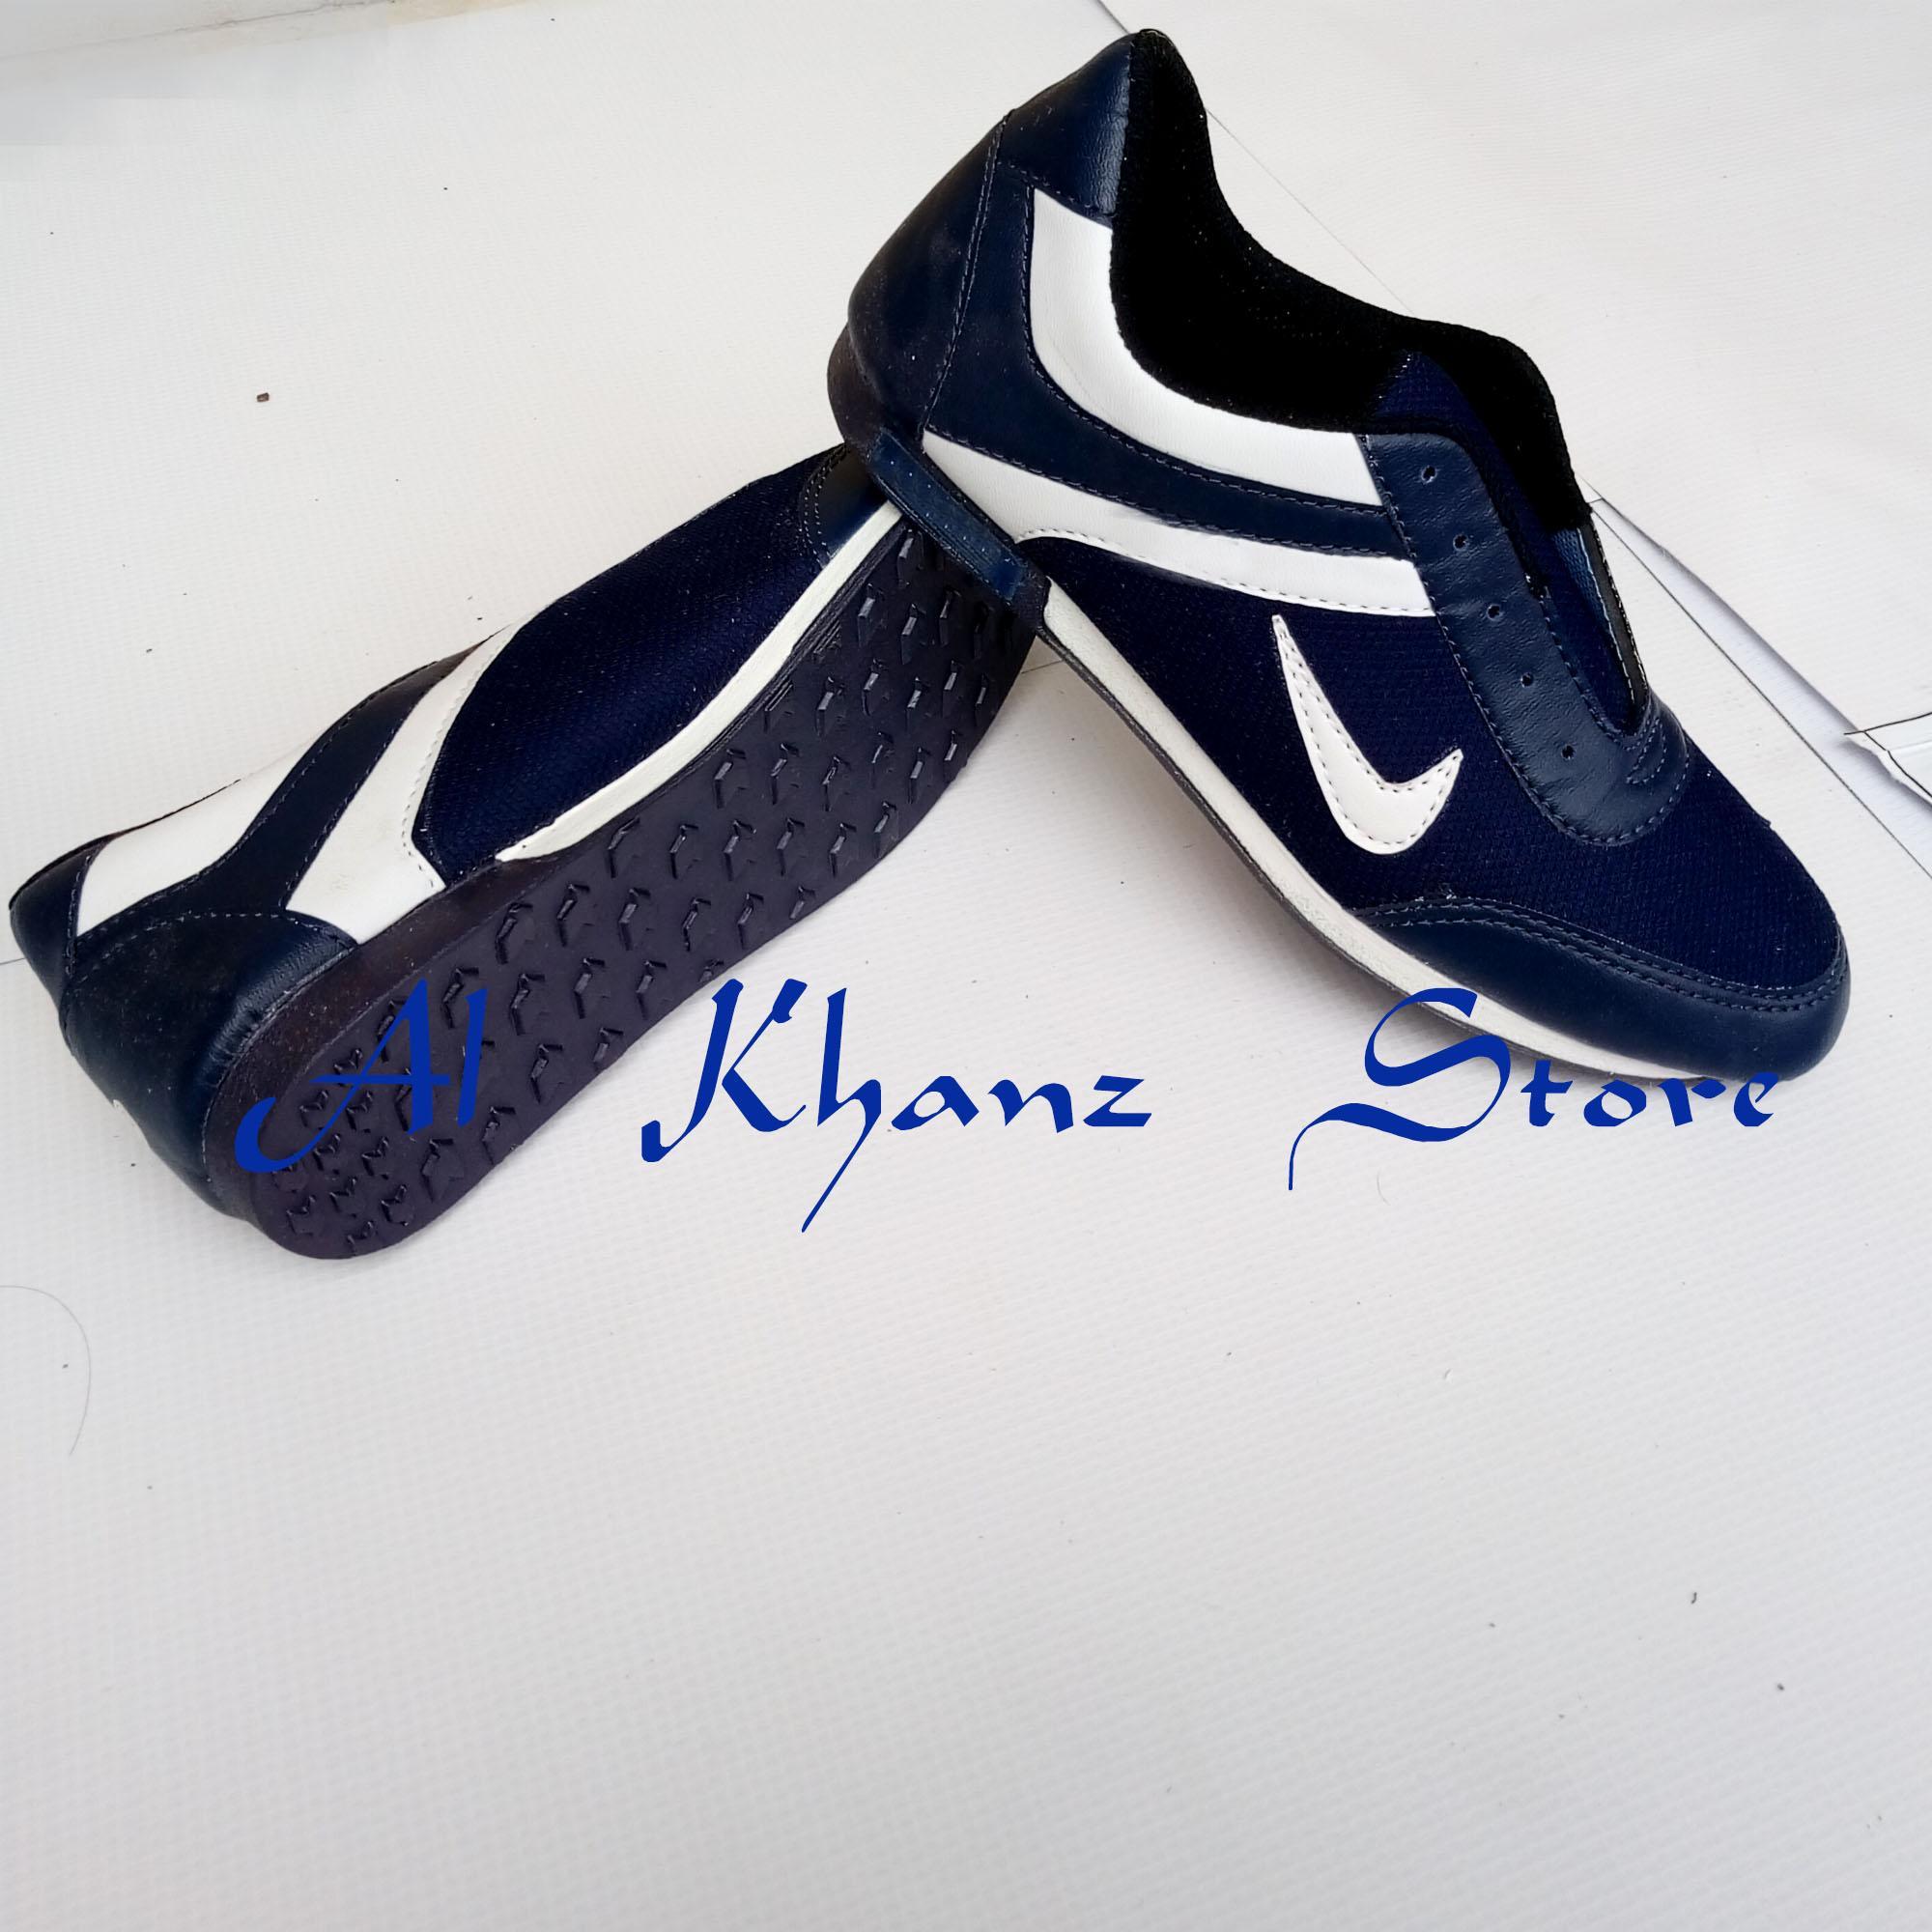 Kiss Shoop Spatu Sneakers Garis Dua Abu RN. IDR 50,900 IDR50900. View Detail. Sepatu Ceklis Garis dua Terbaru